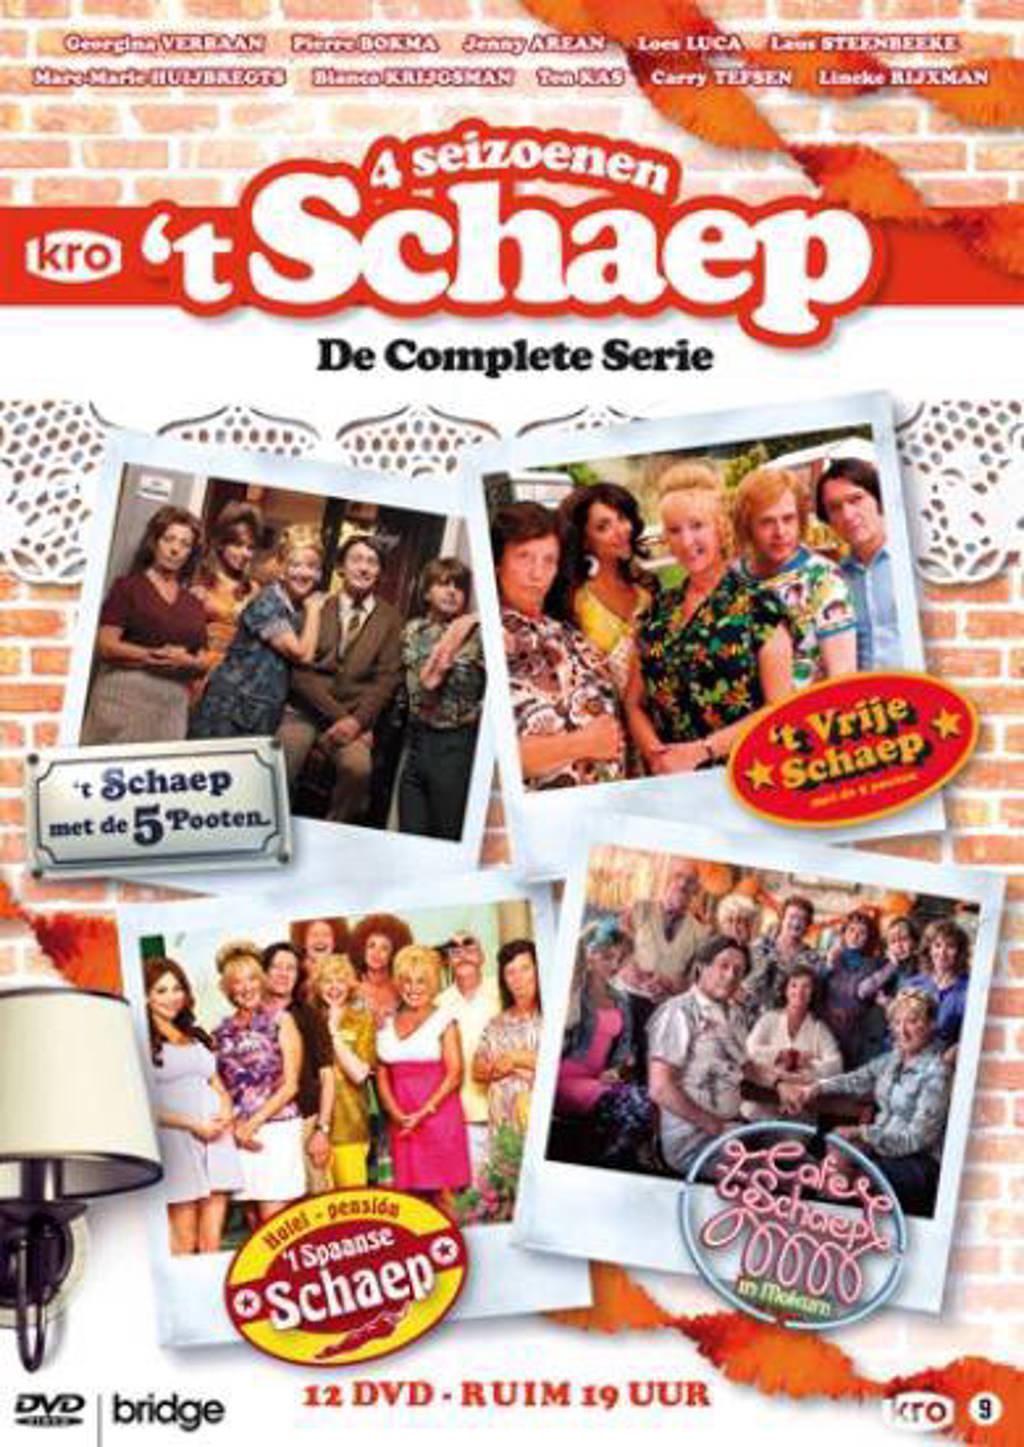 Schaep verzamelbox (DVD)